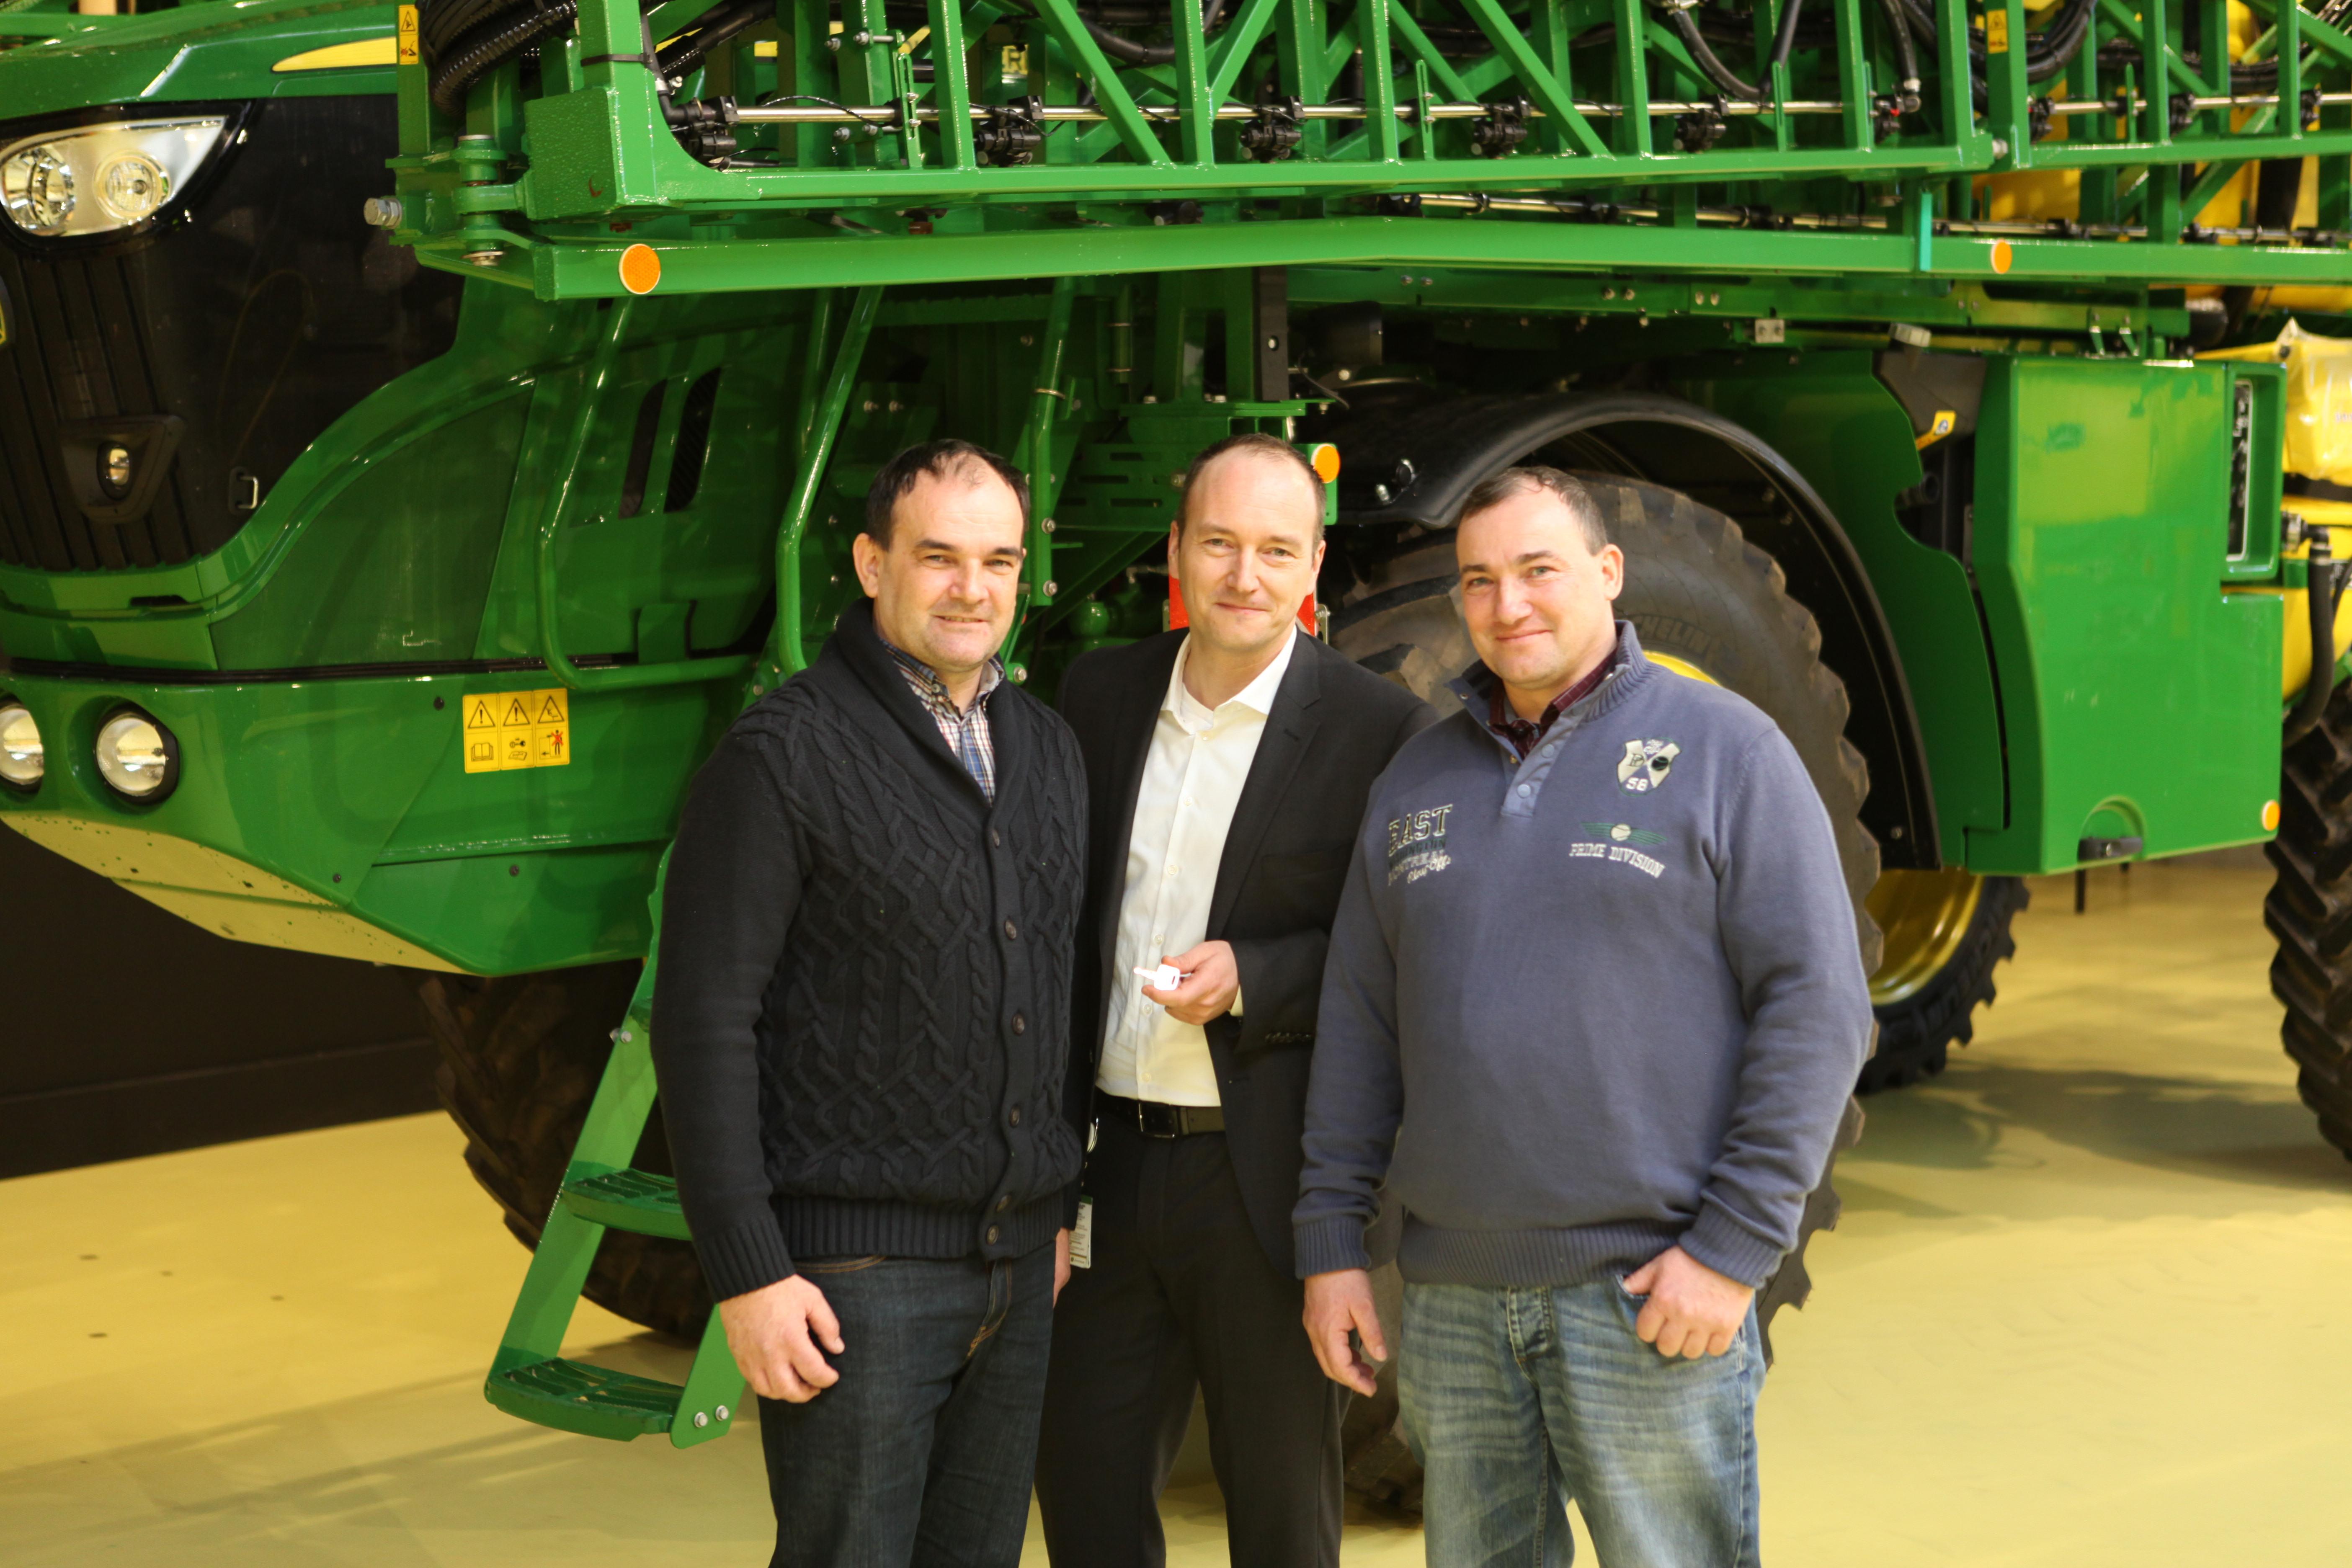 Fabrikleiter Matthias Steiner eingerahmt von den Kunden Miloslav und Zdenek Lukas.